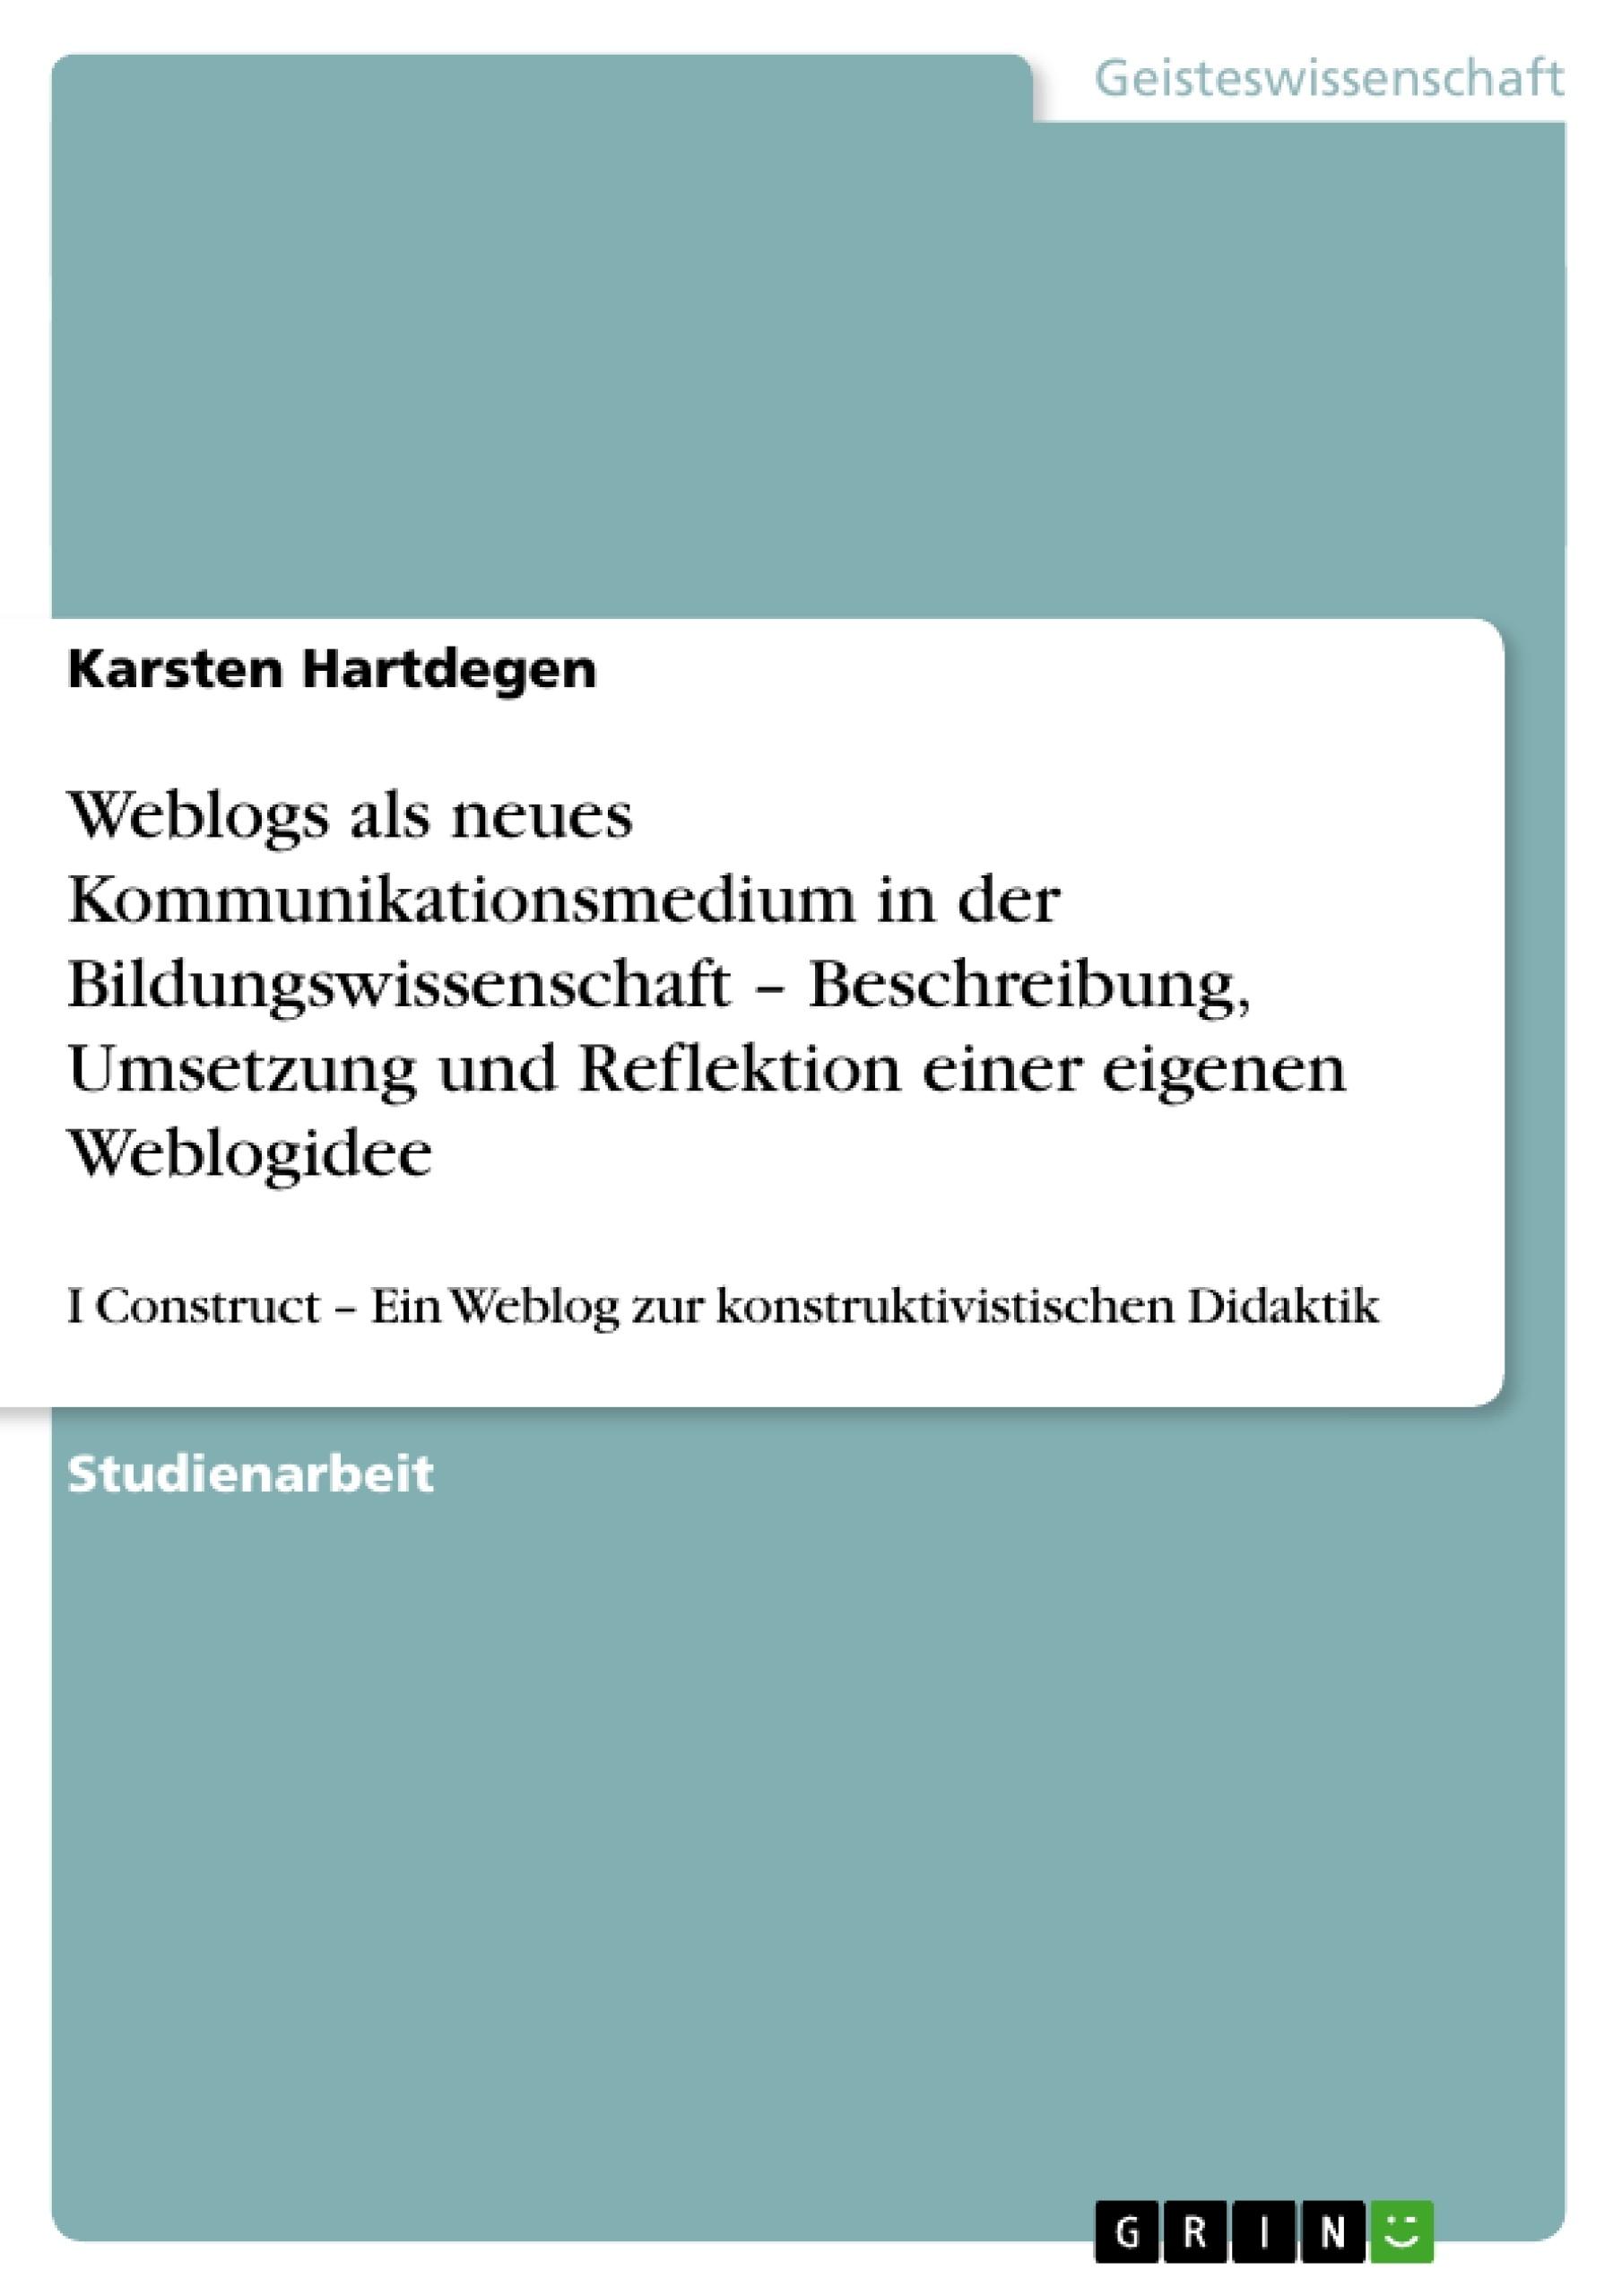 Titel: Weblogs als neues Kommunikationsmedium in der Bildungswissenschaft – Beschreibung, Umsetzung und Reflektion einer eigenen Weblogidee